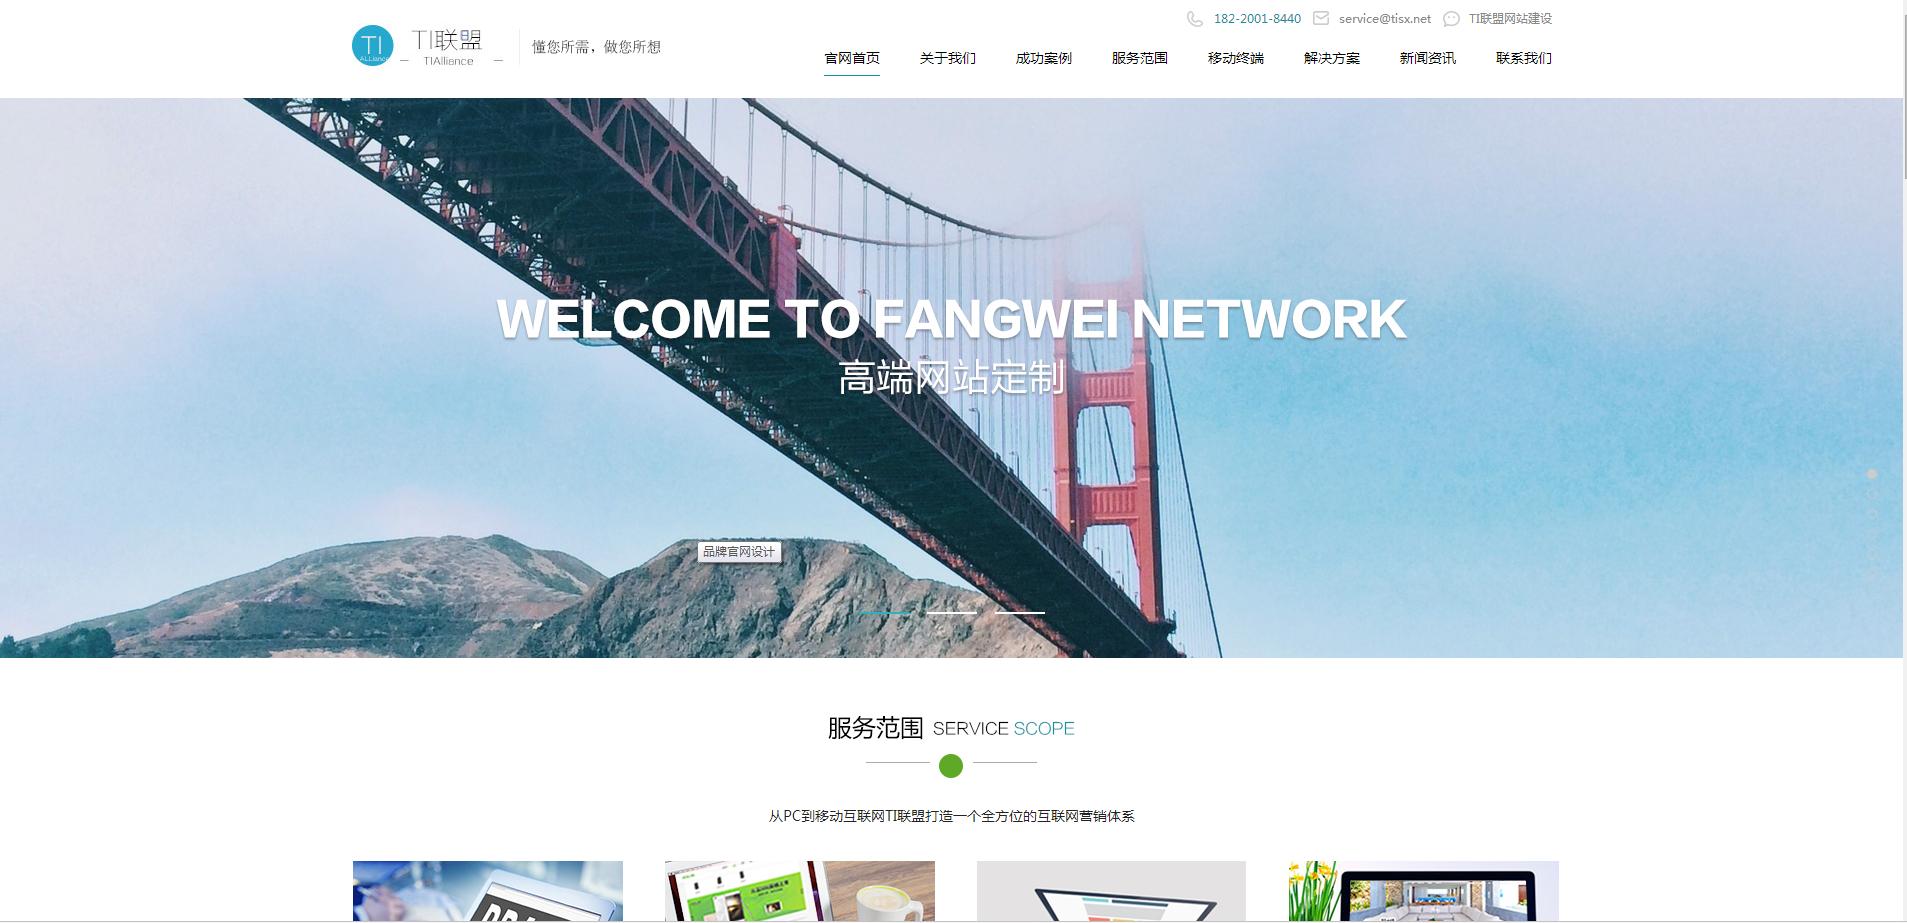 HTML5宽屏大气网络建站公司网站模板下载